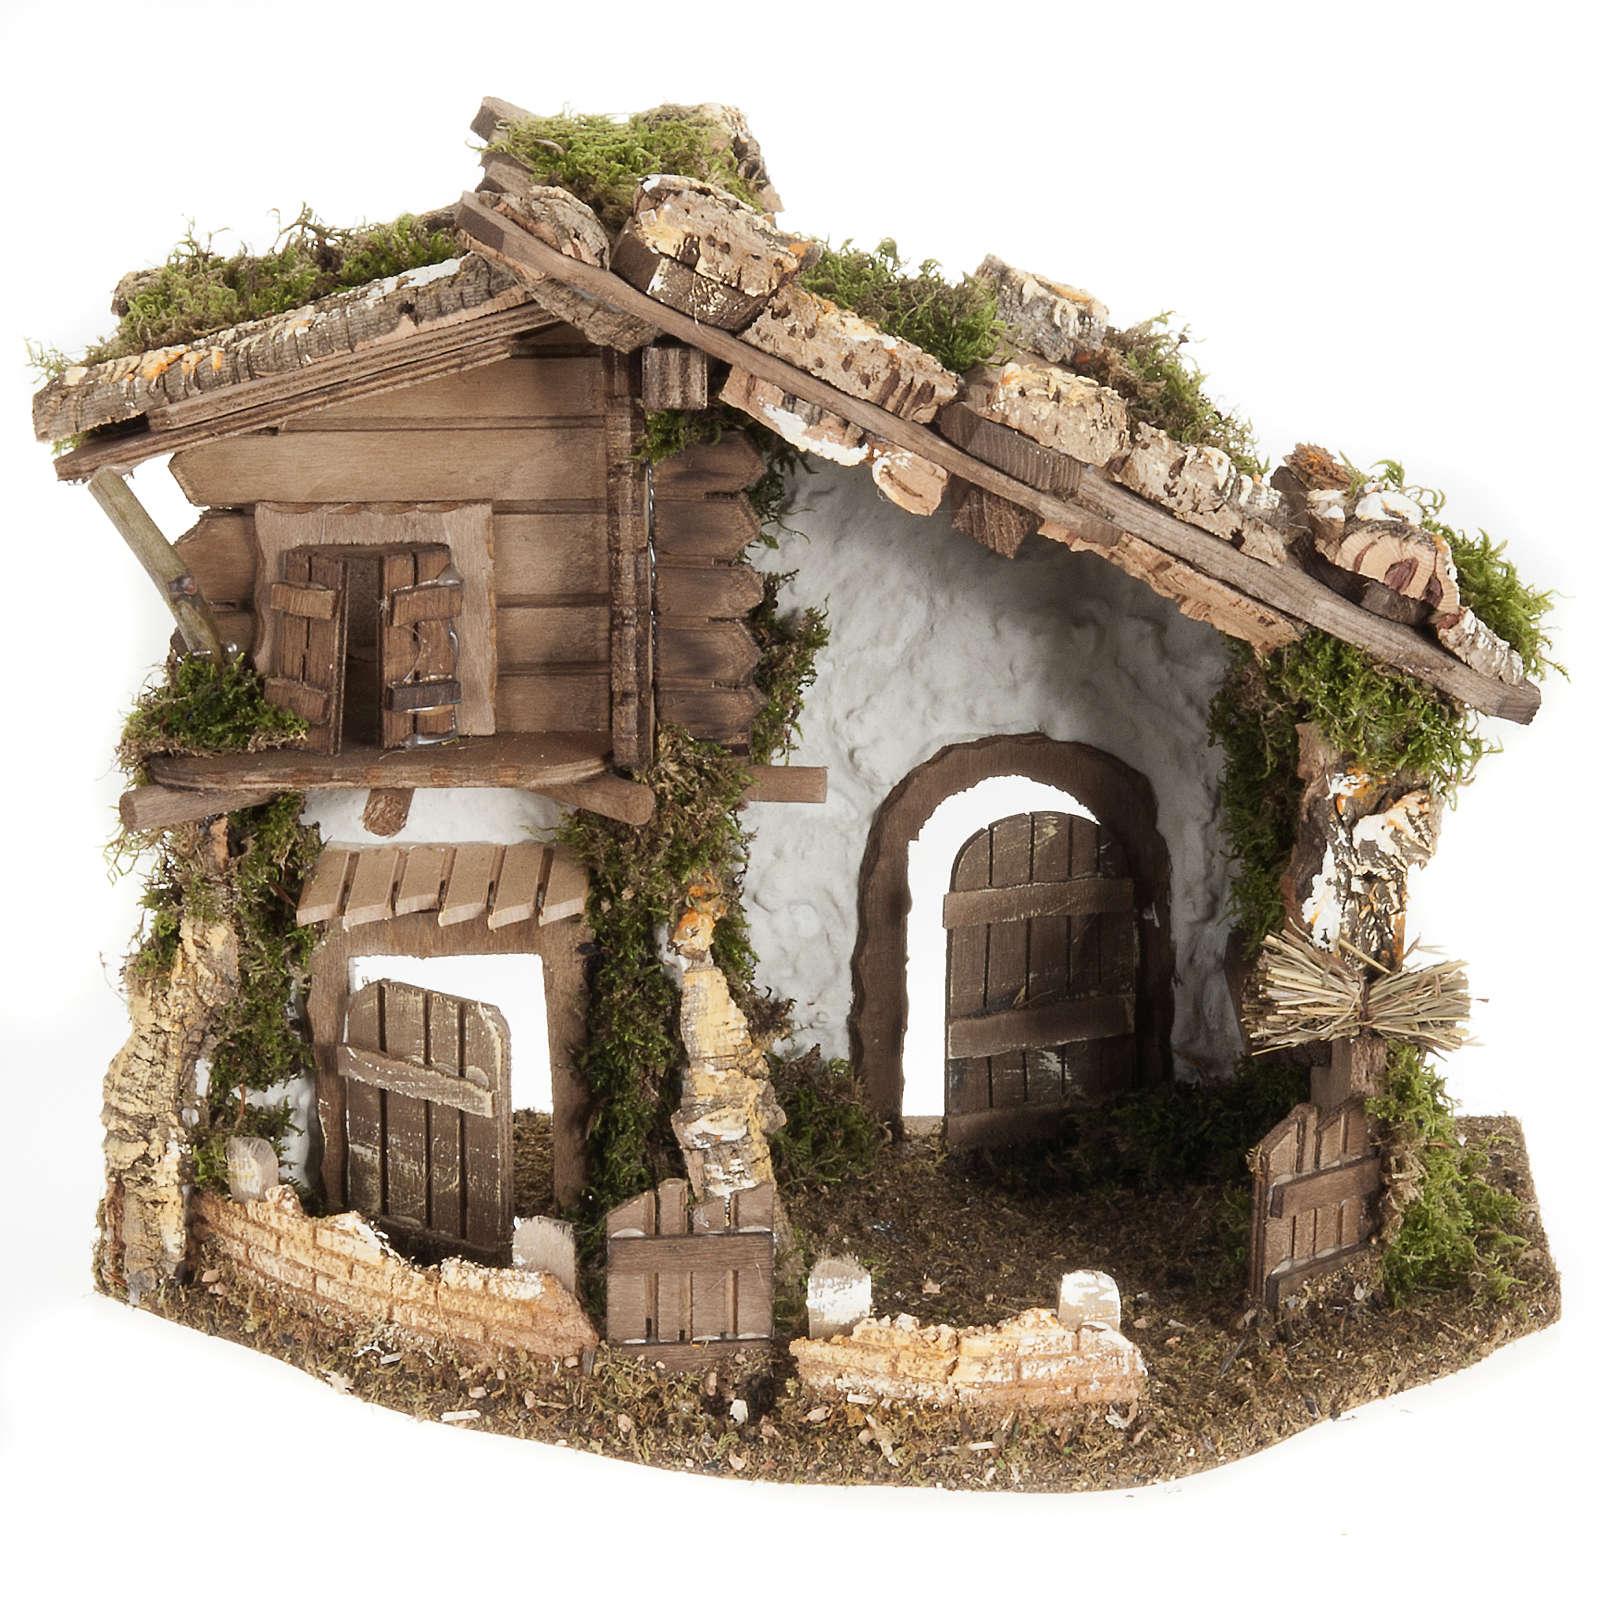 Nativity scene accessory, cabin-style hut, 28x38x30cm 4